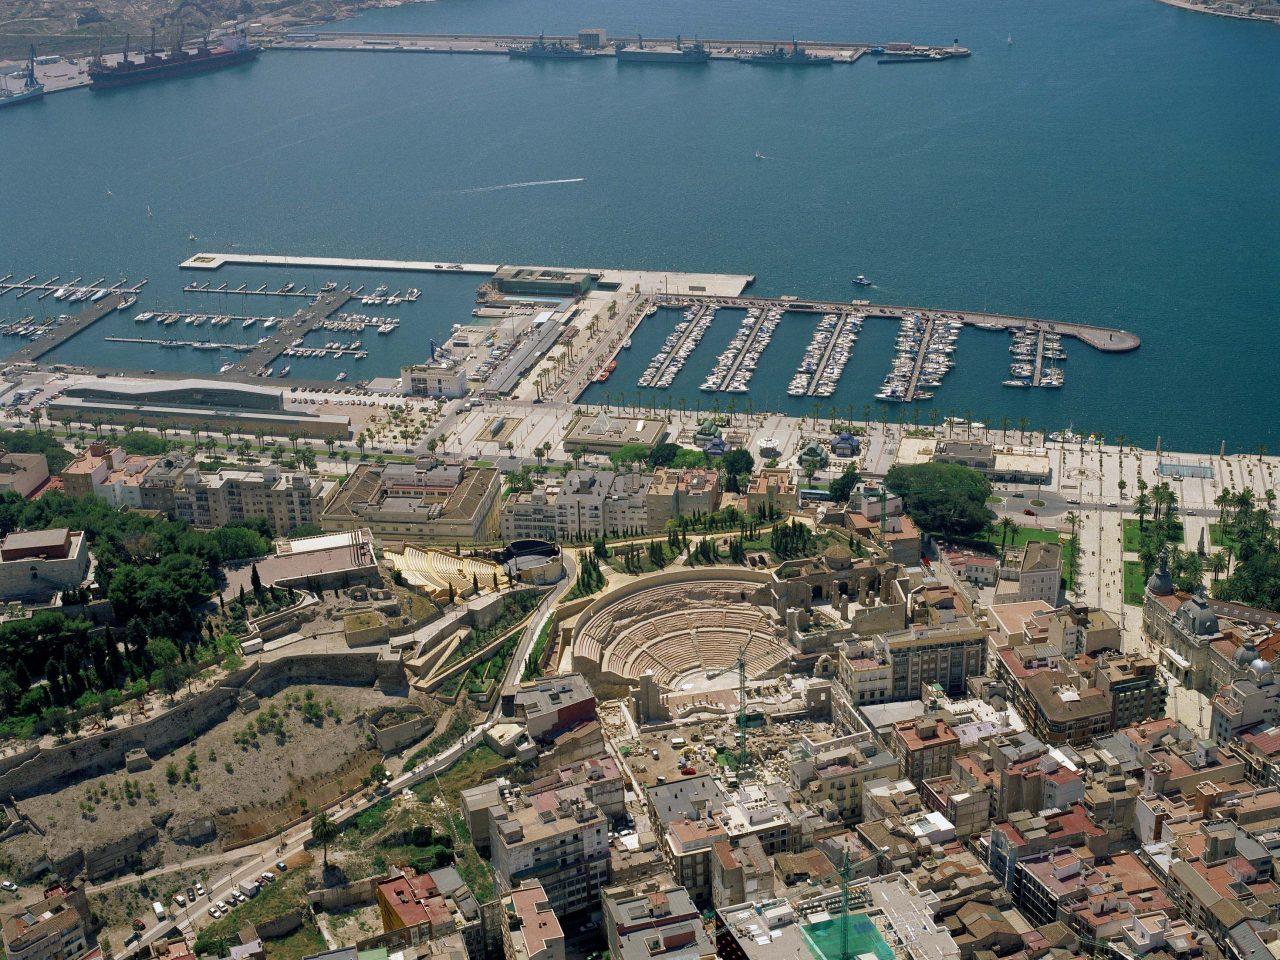 Ayuntamiento-de-Cartagena-2-1280x960.jpg